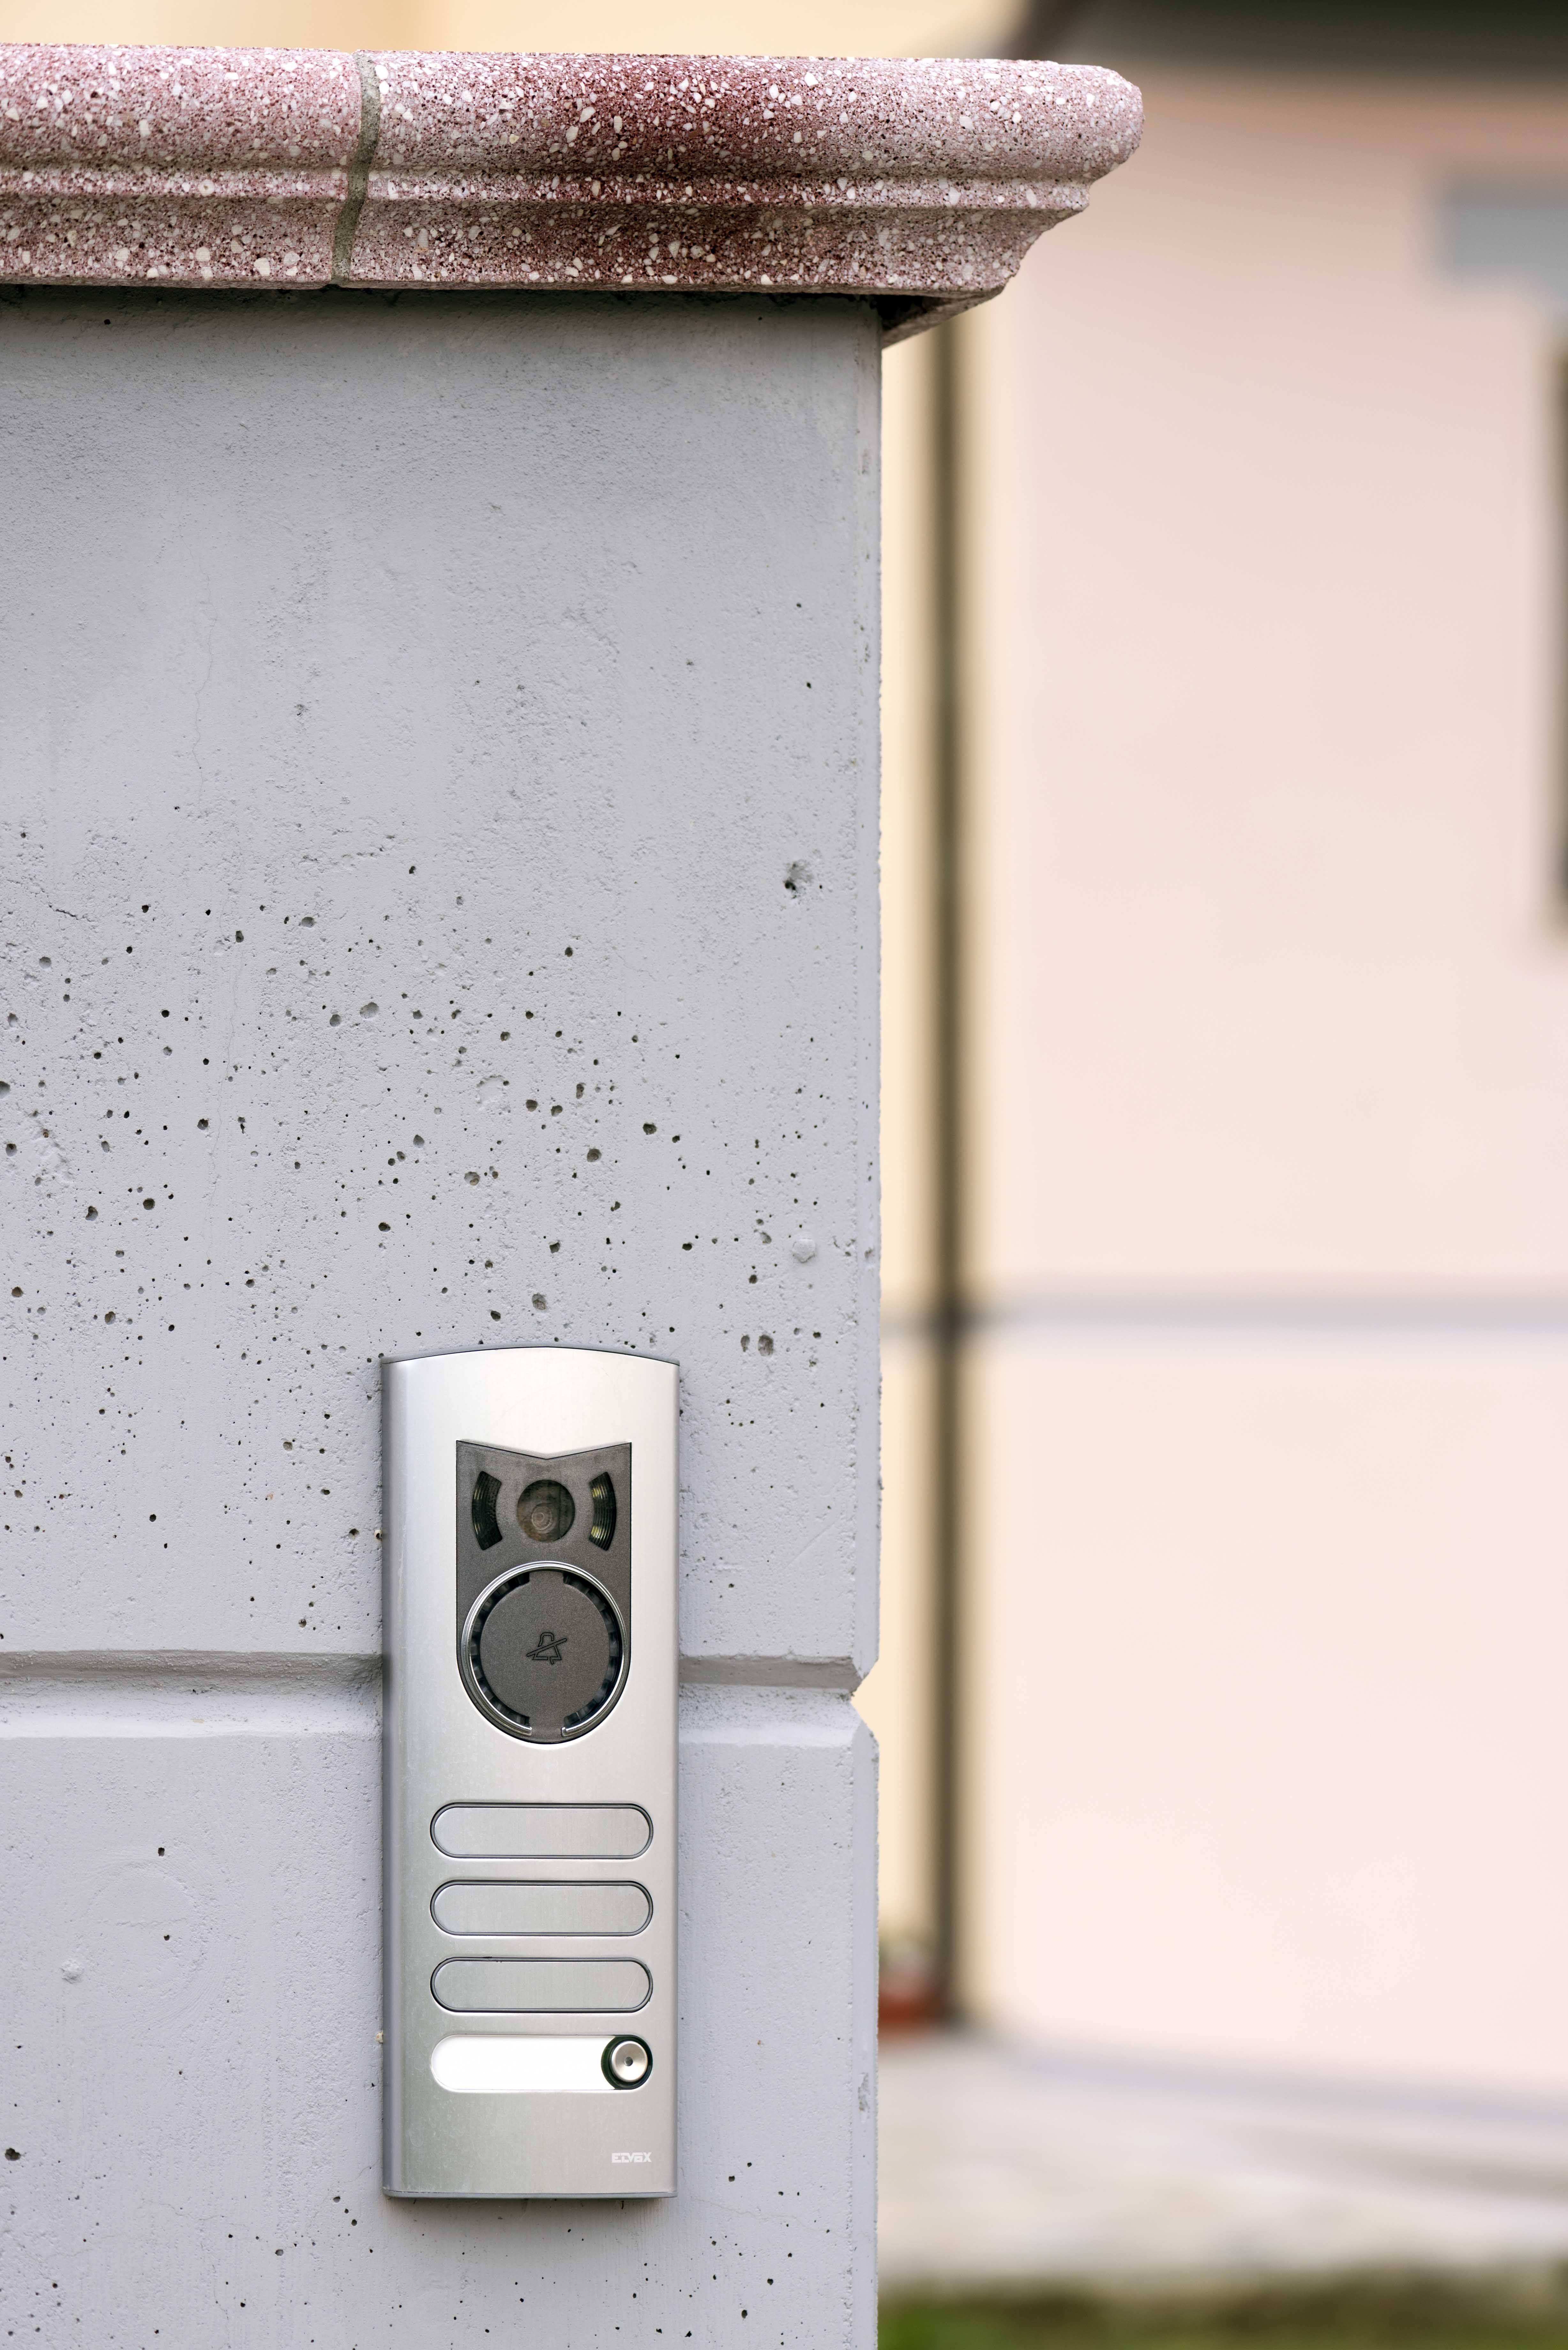 Prodotti Domotici Cosa Sono pin di vimar group su domotica residenziale | casa